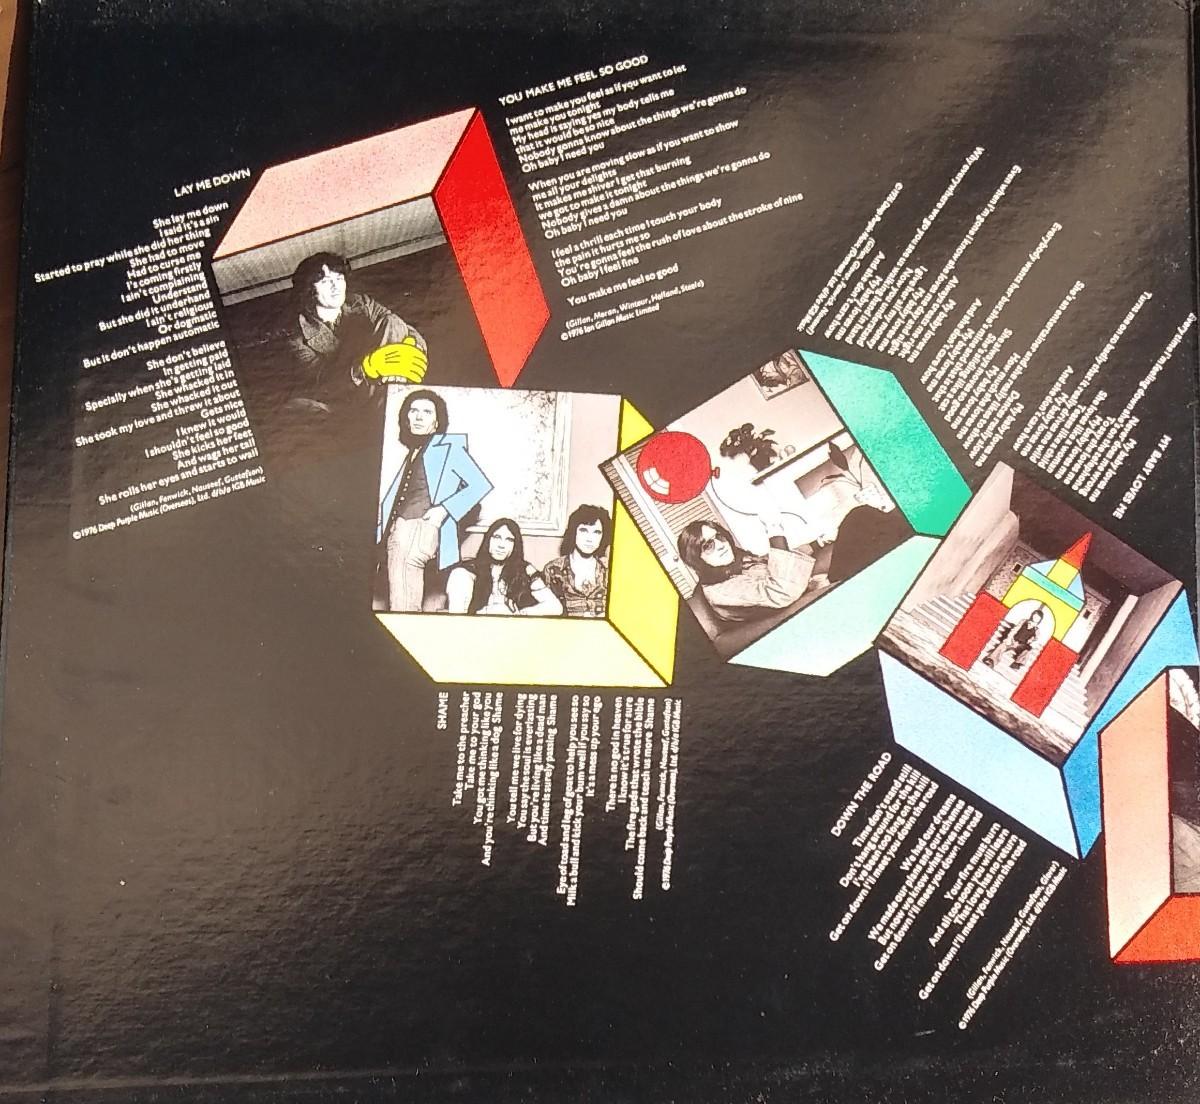 【2枚セット】【値下げしました!】『チャイルド・イン・タイム』イアン・ギラン・バンド 他1枚